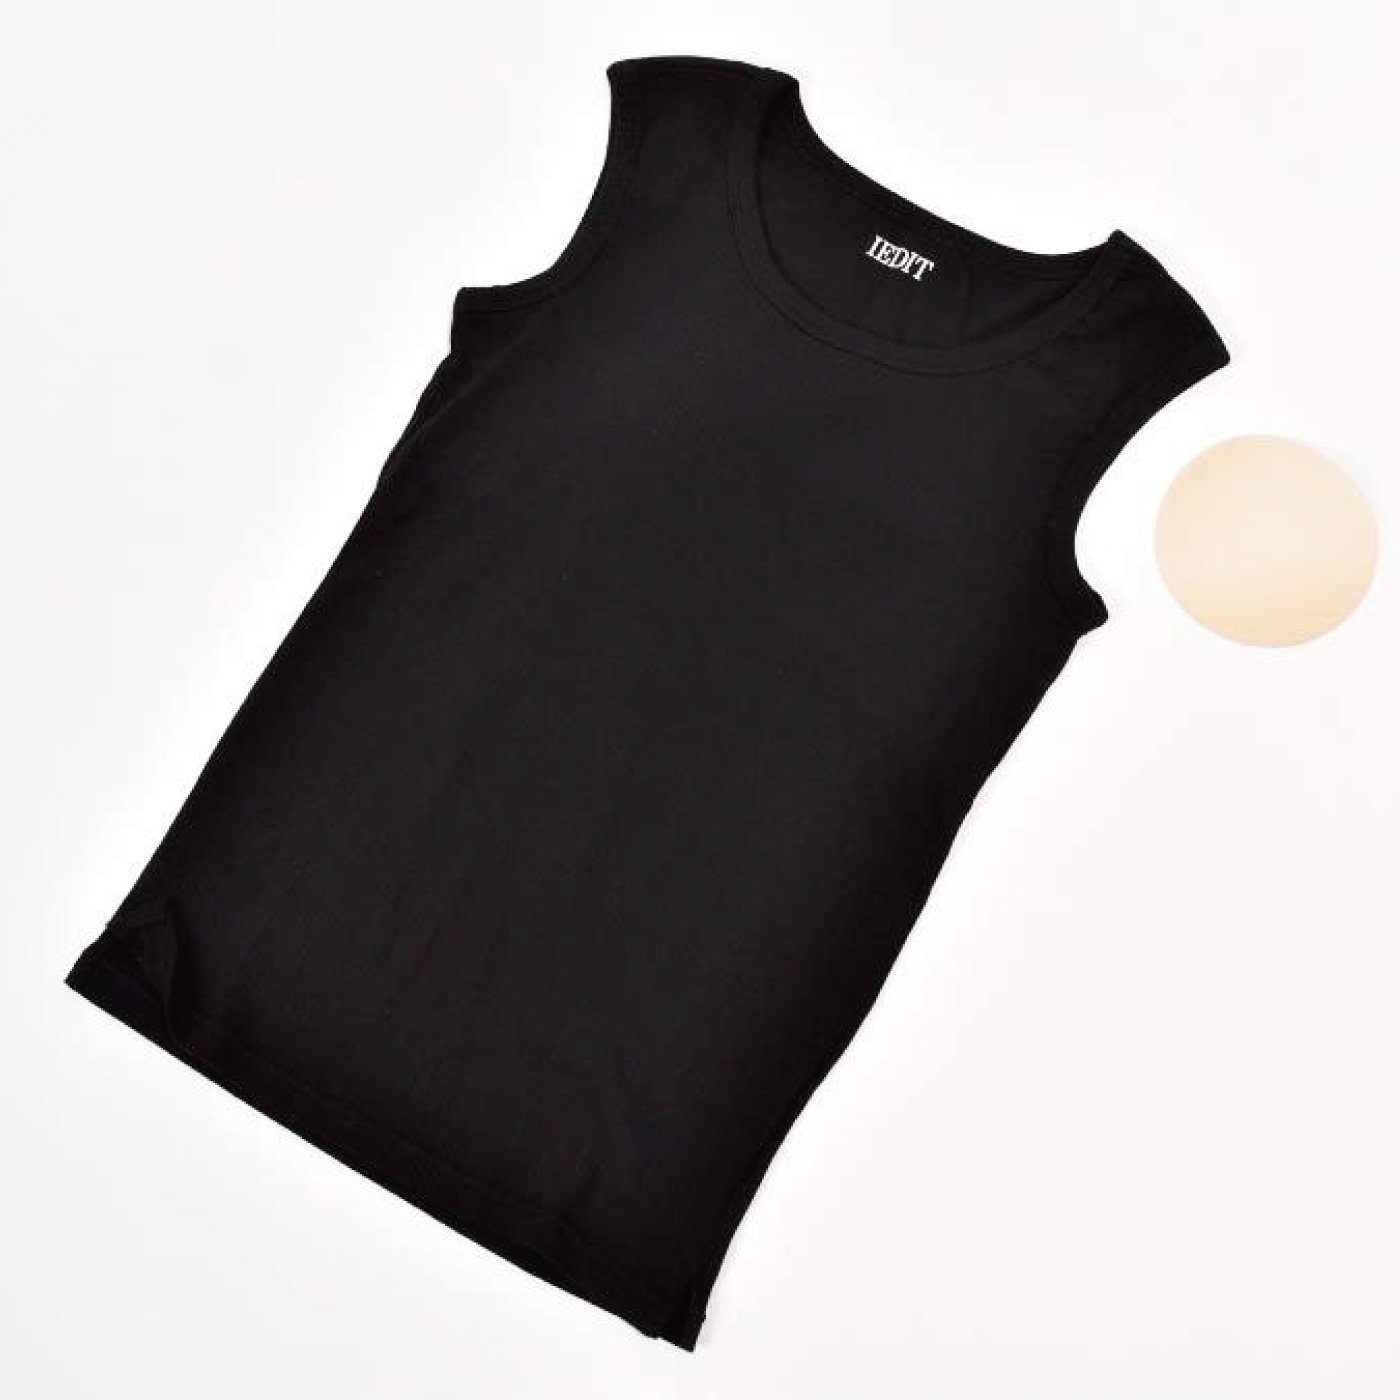 IEDIT[イディット] テレコ素材のカップ付きスリーブレストップス〈ブラック〉